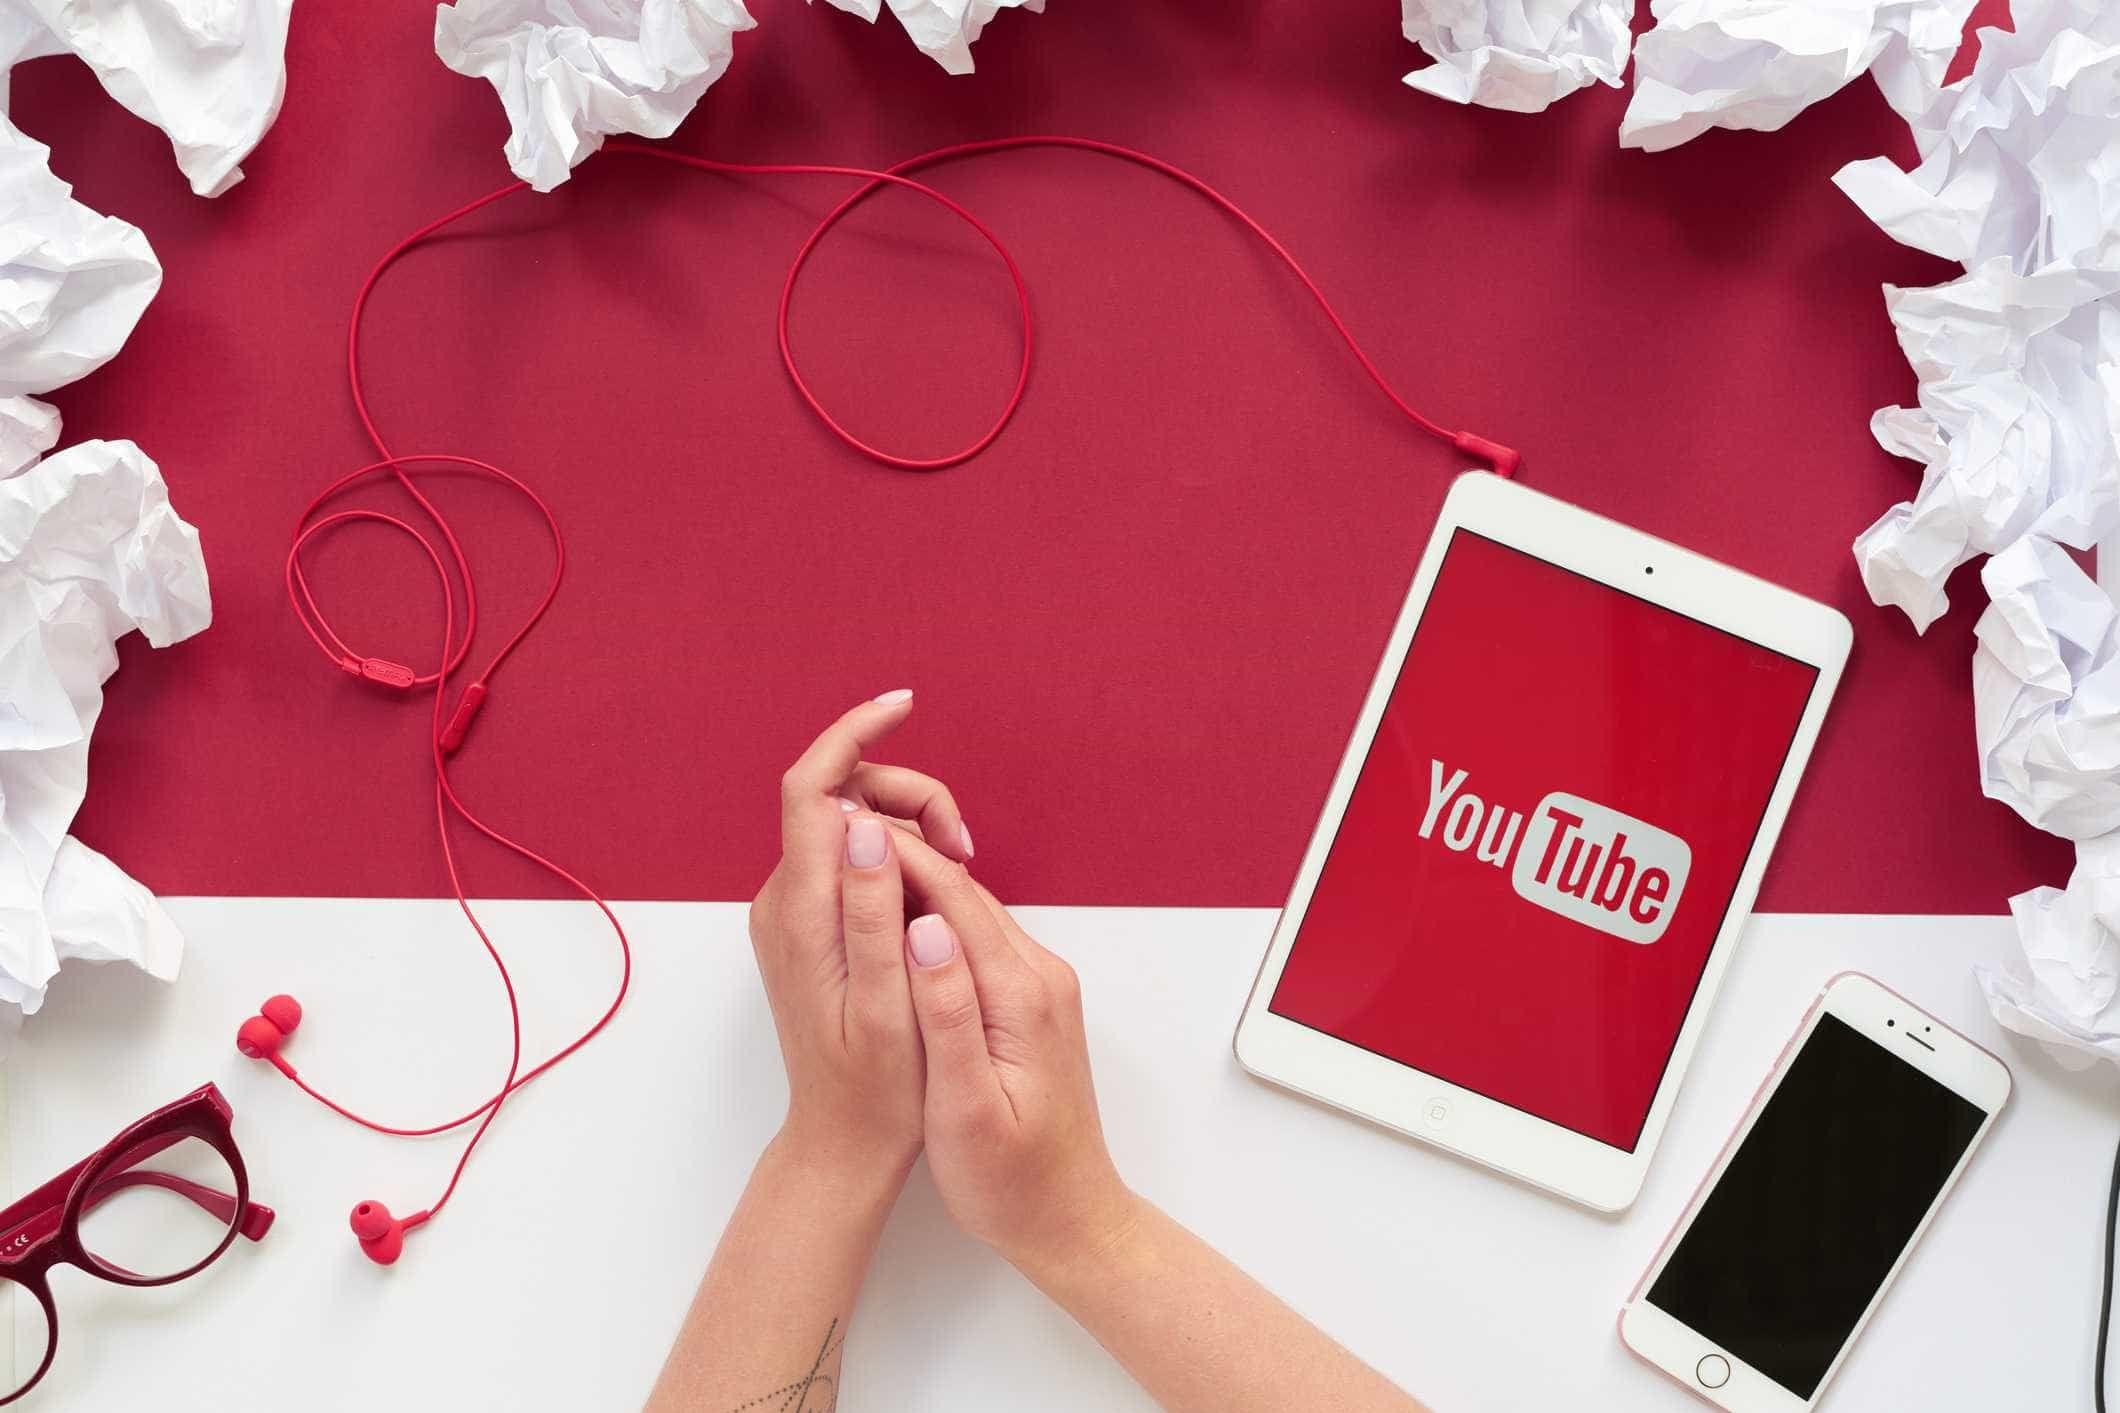 Estudo aponta YouTube como a marca preferida dos mais jovens